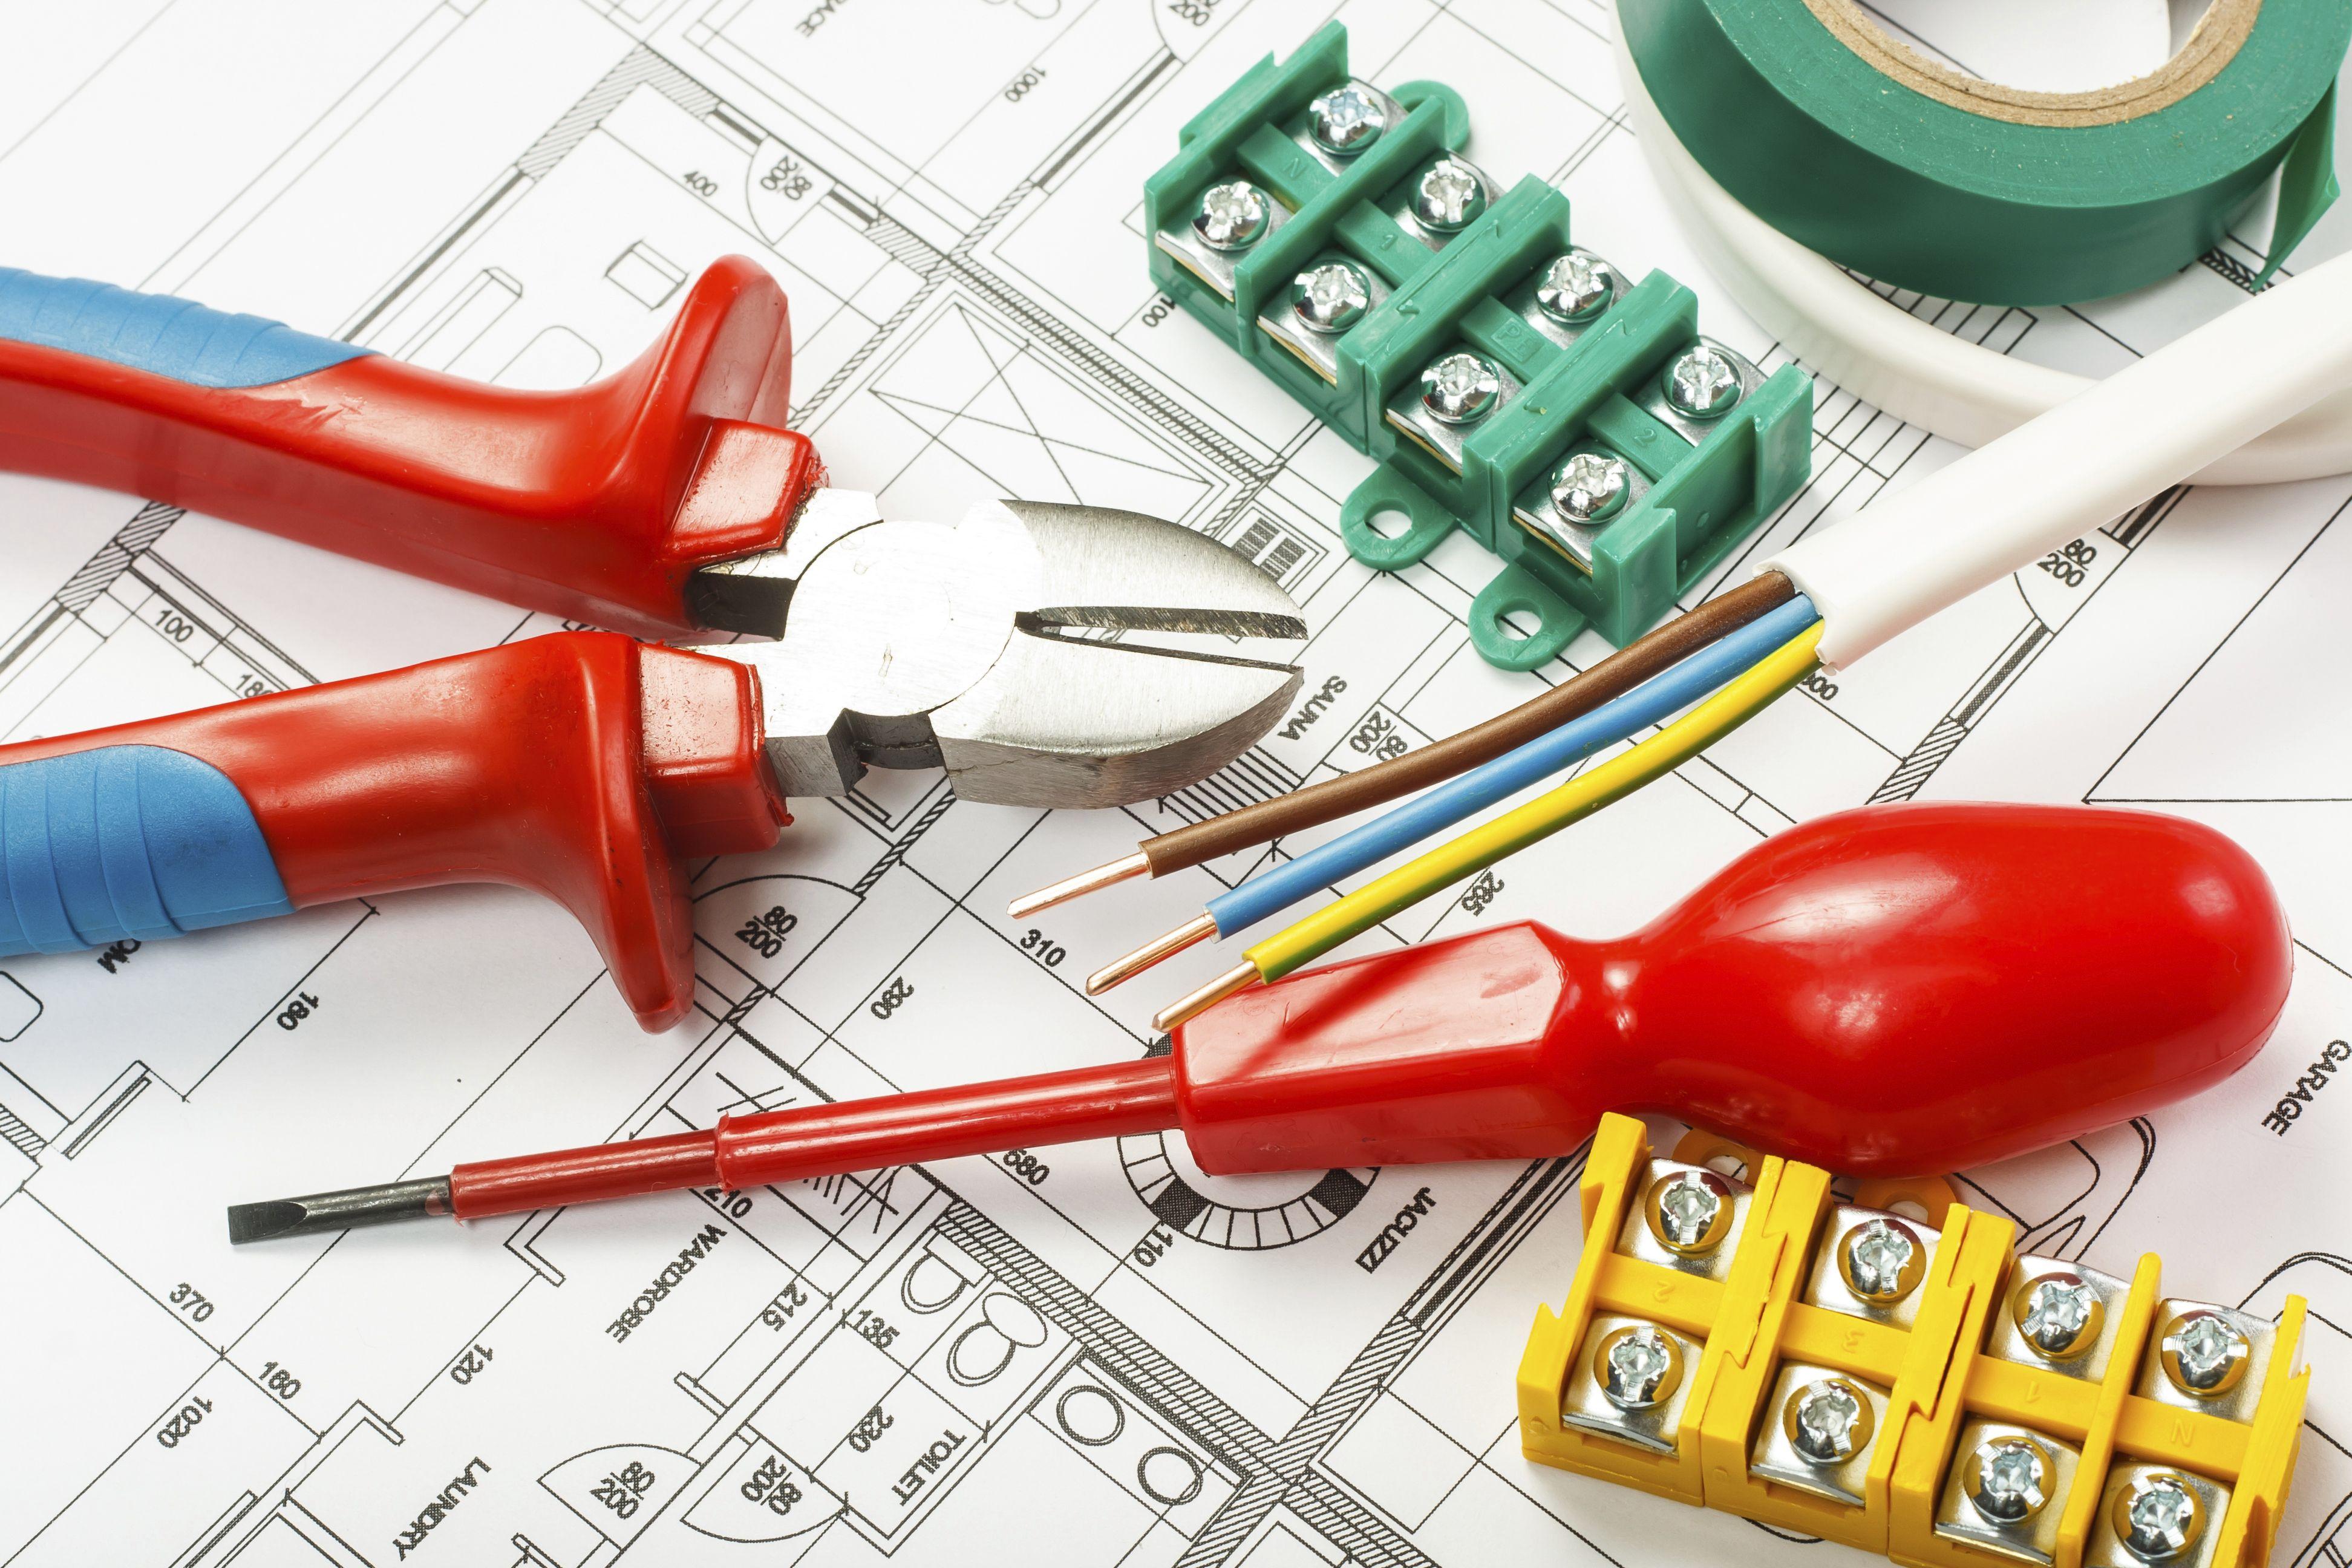 Instalaciones eléctricas: Servicios de Eléctrica Sohail